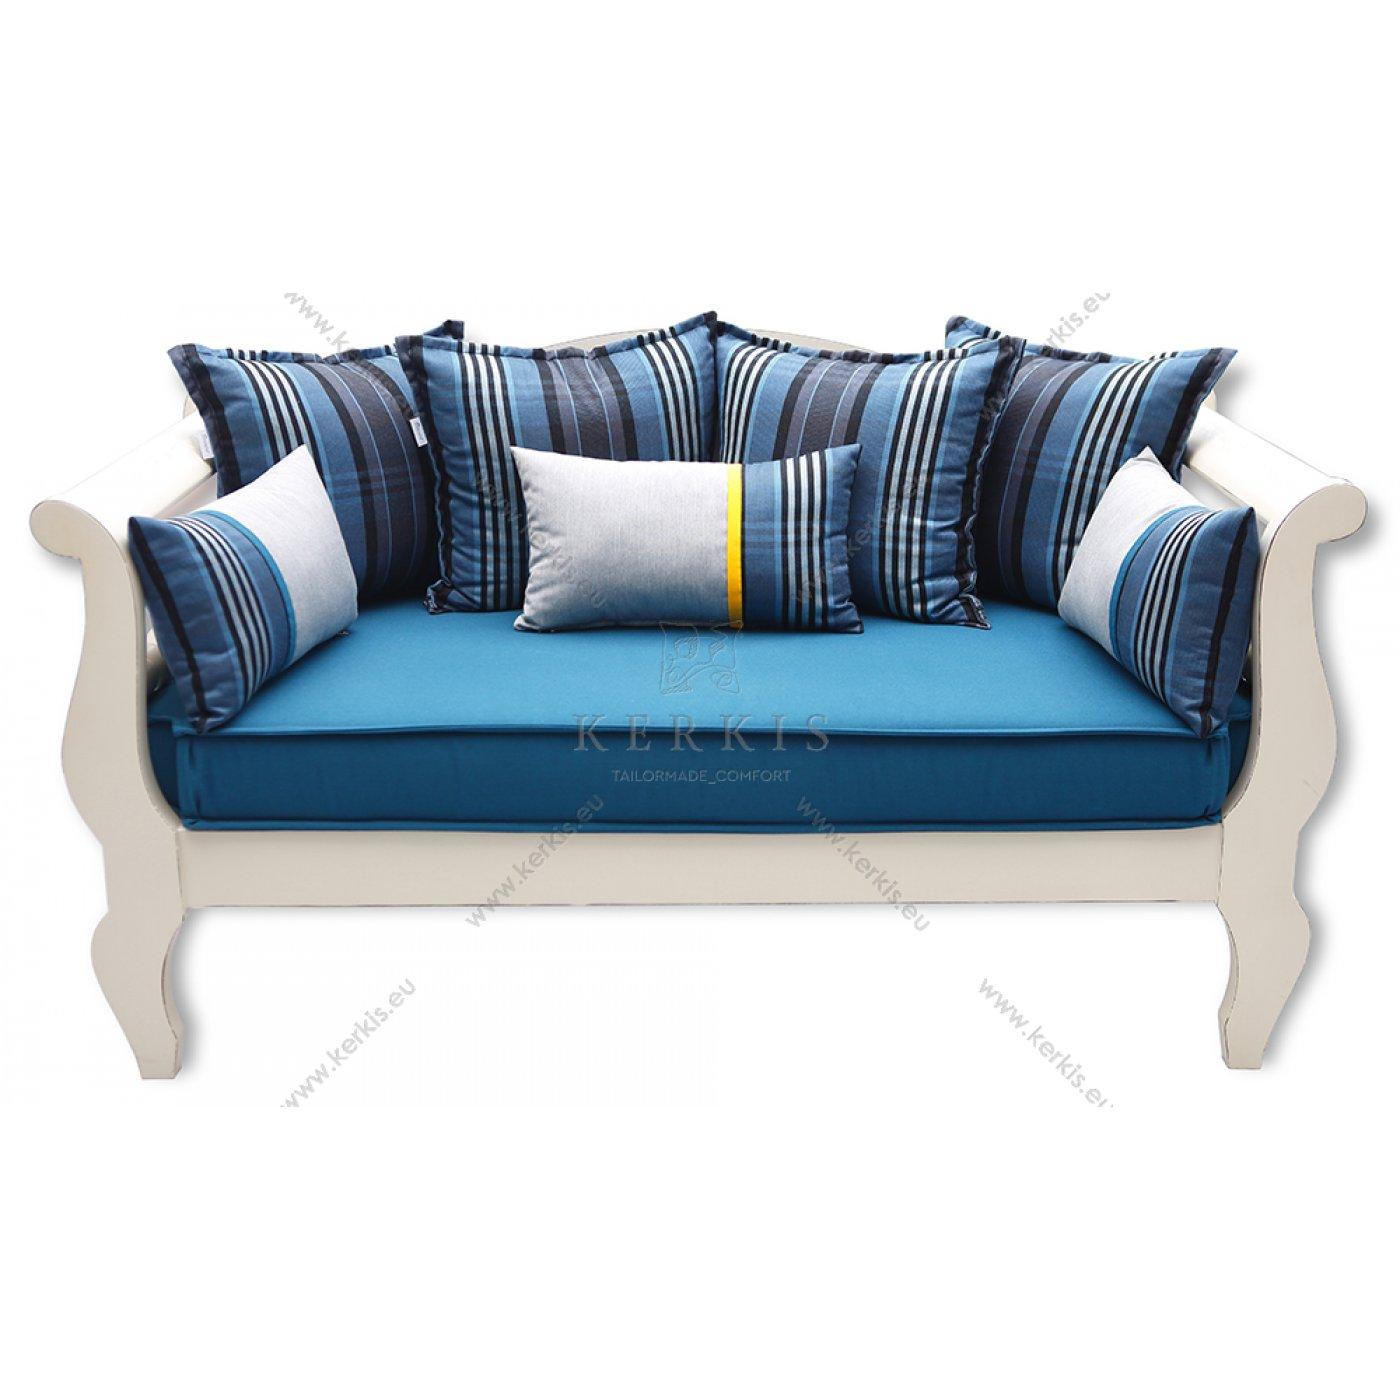 Μαξιλάρια παραδοσιακού καναπέ με υφάσματα sunbrella